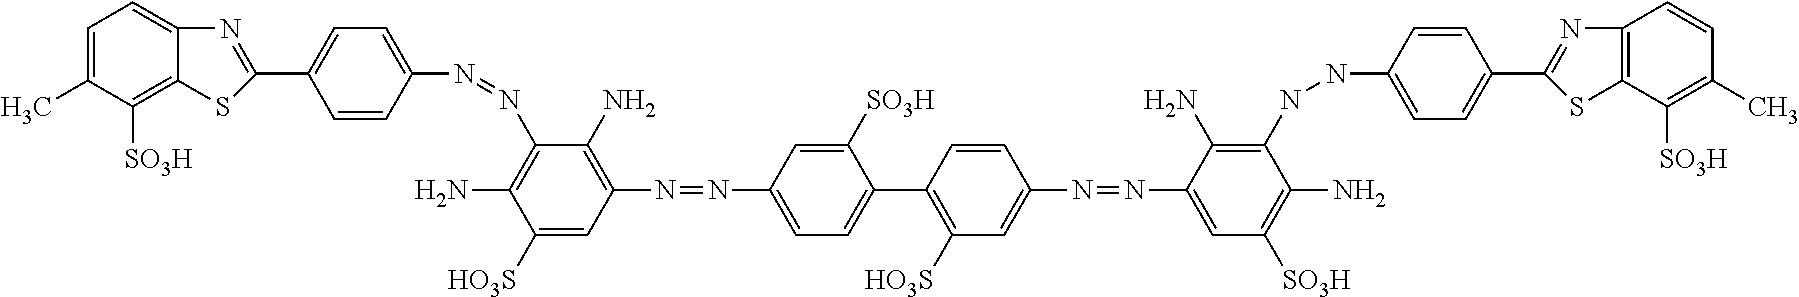 Figure US08734532-20140527-C00031